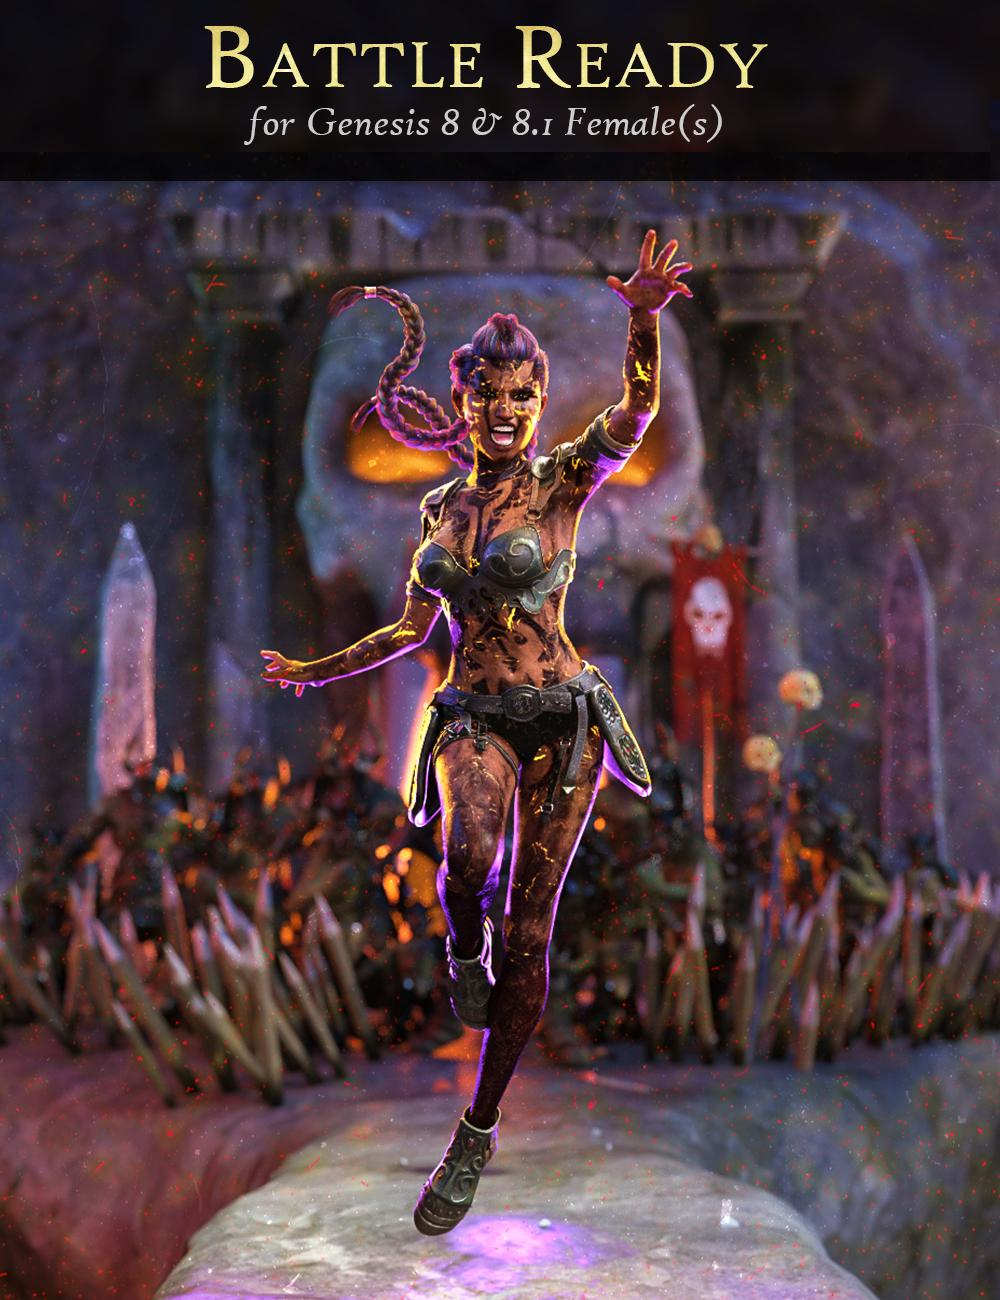 Battle Ready for Genesis 8 and 8.1 Females by: FenixPhoenixEsid, 3D Models by Daz 3D